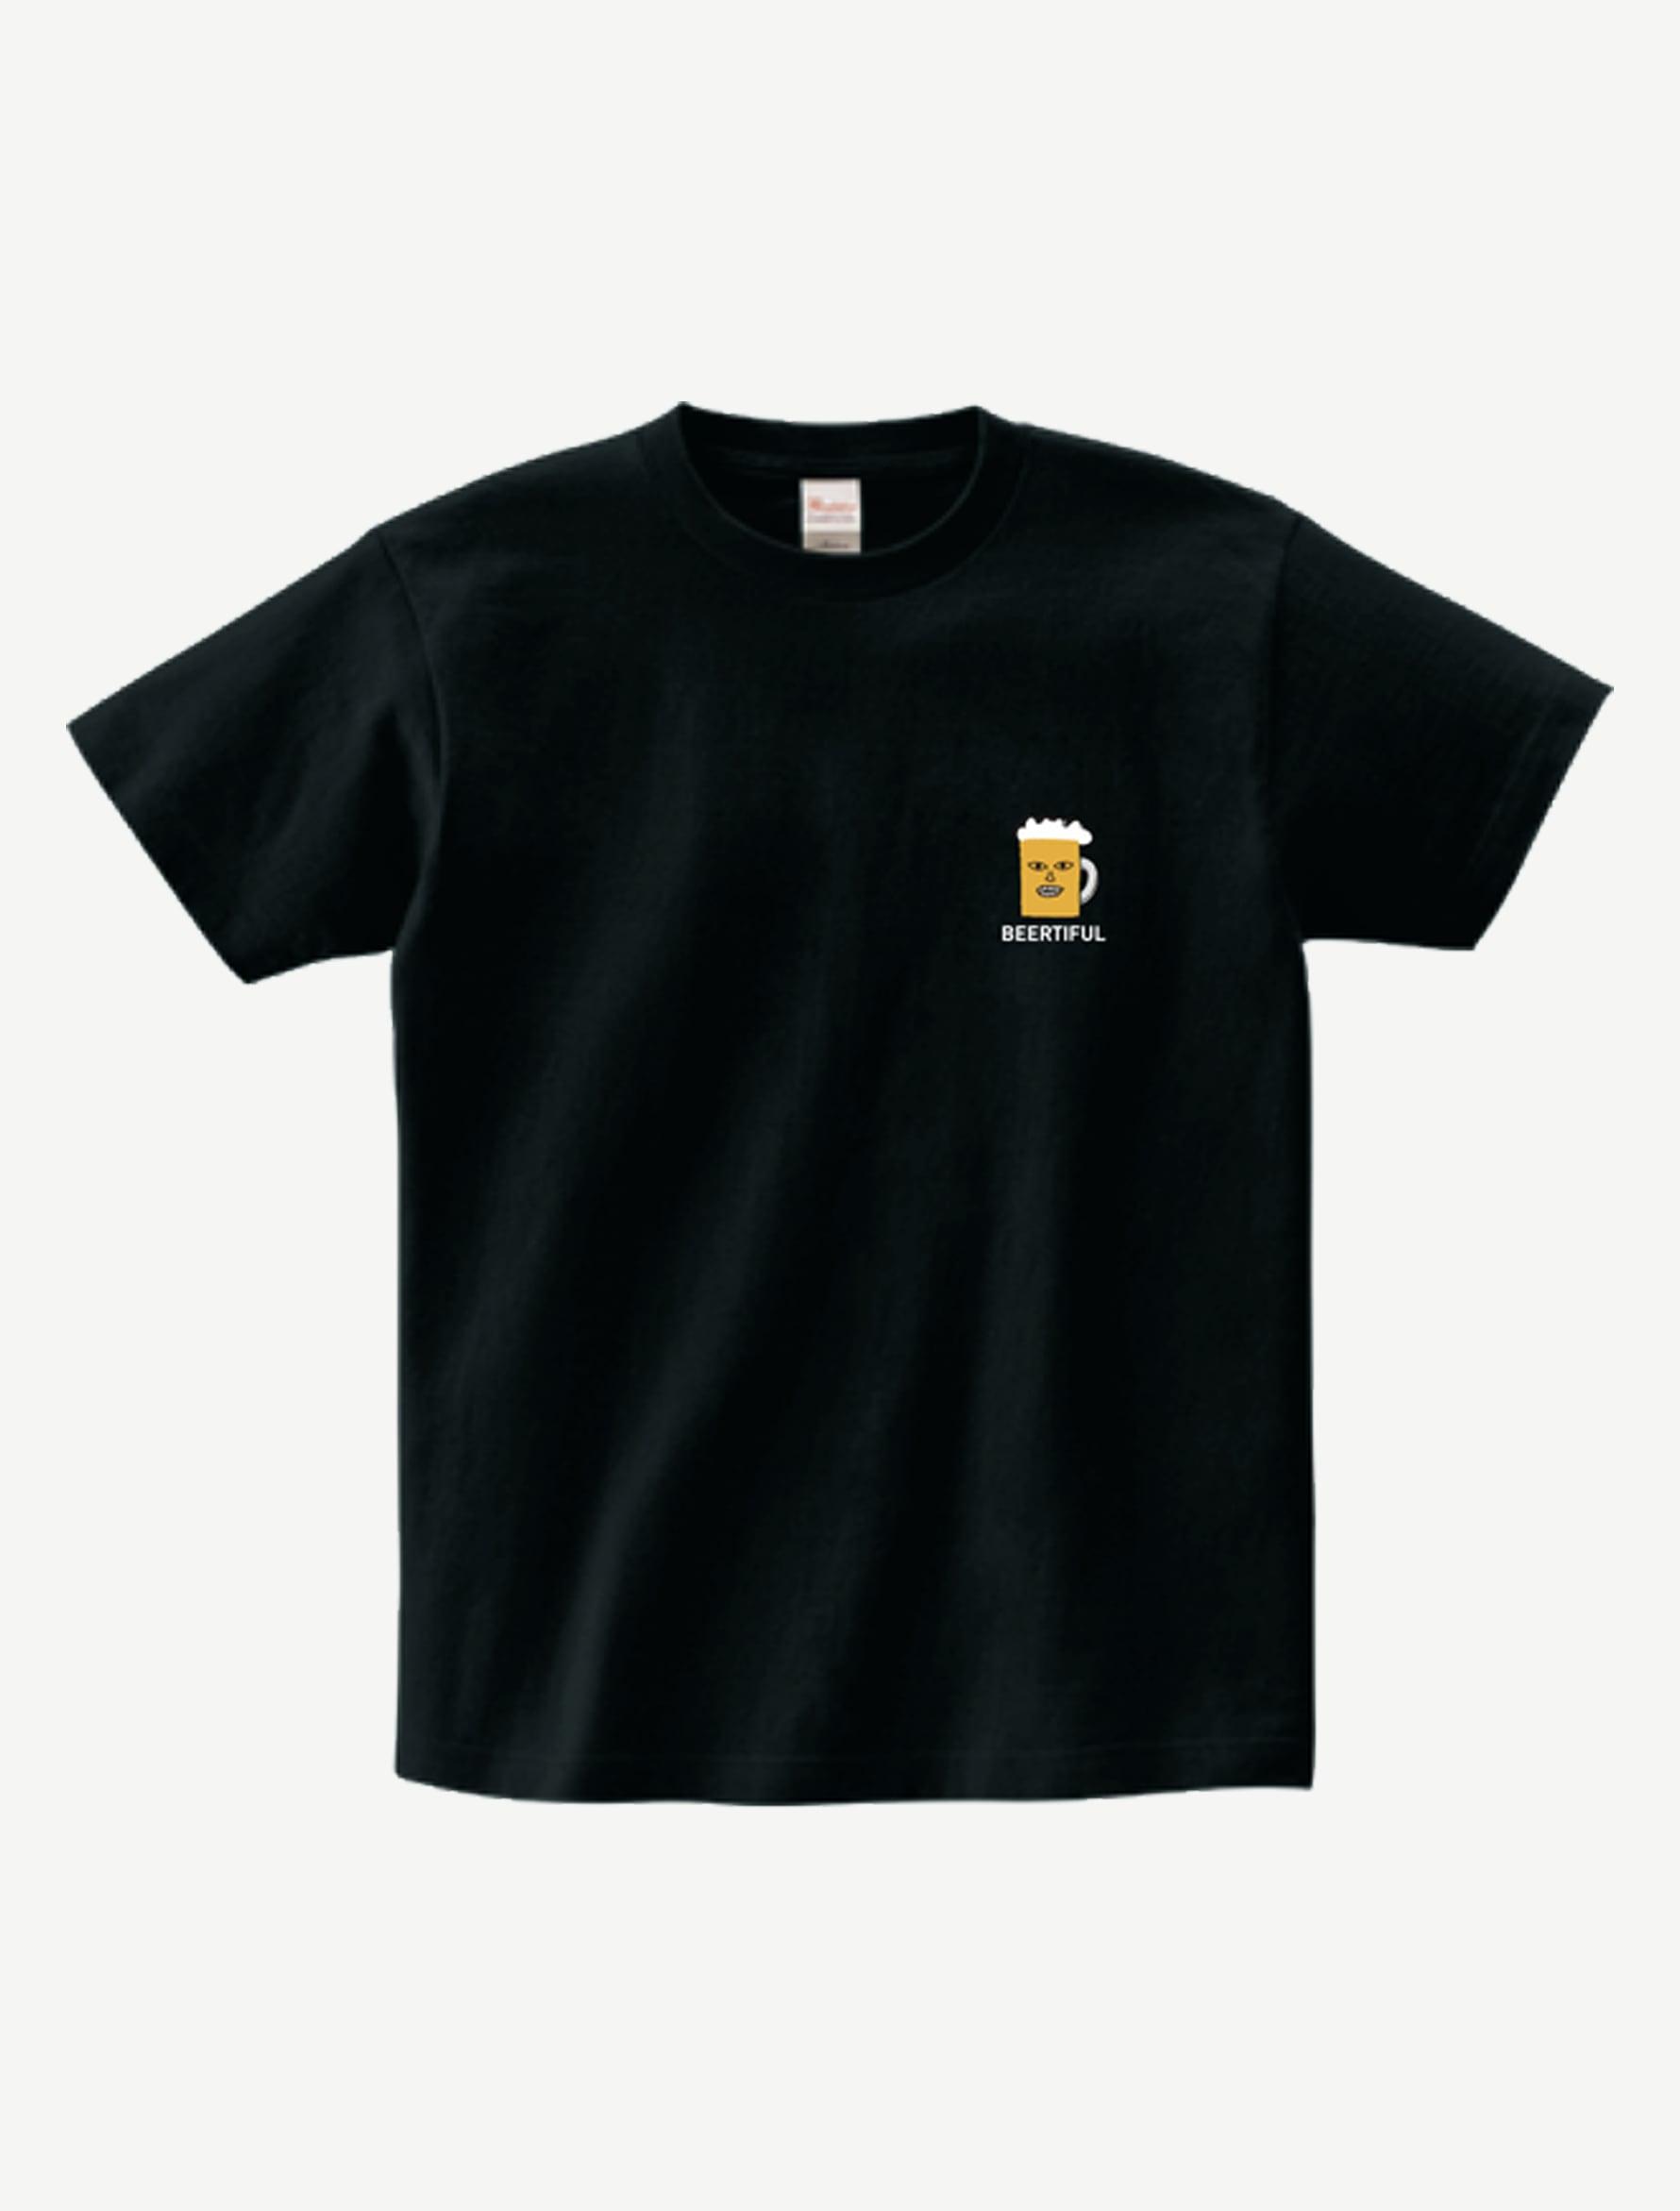 イラストTシャツIL0002BK